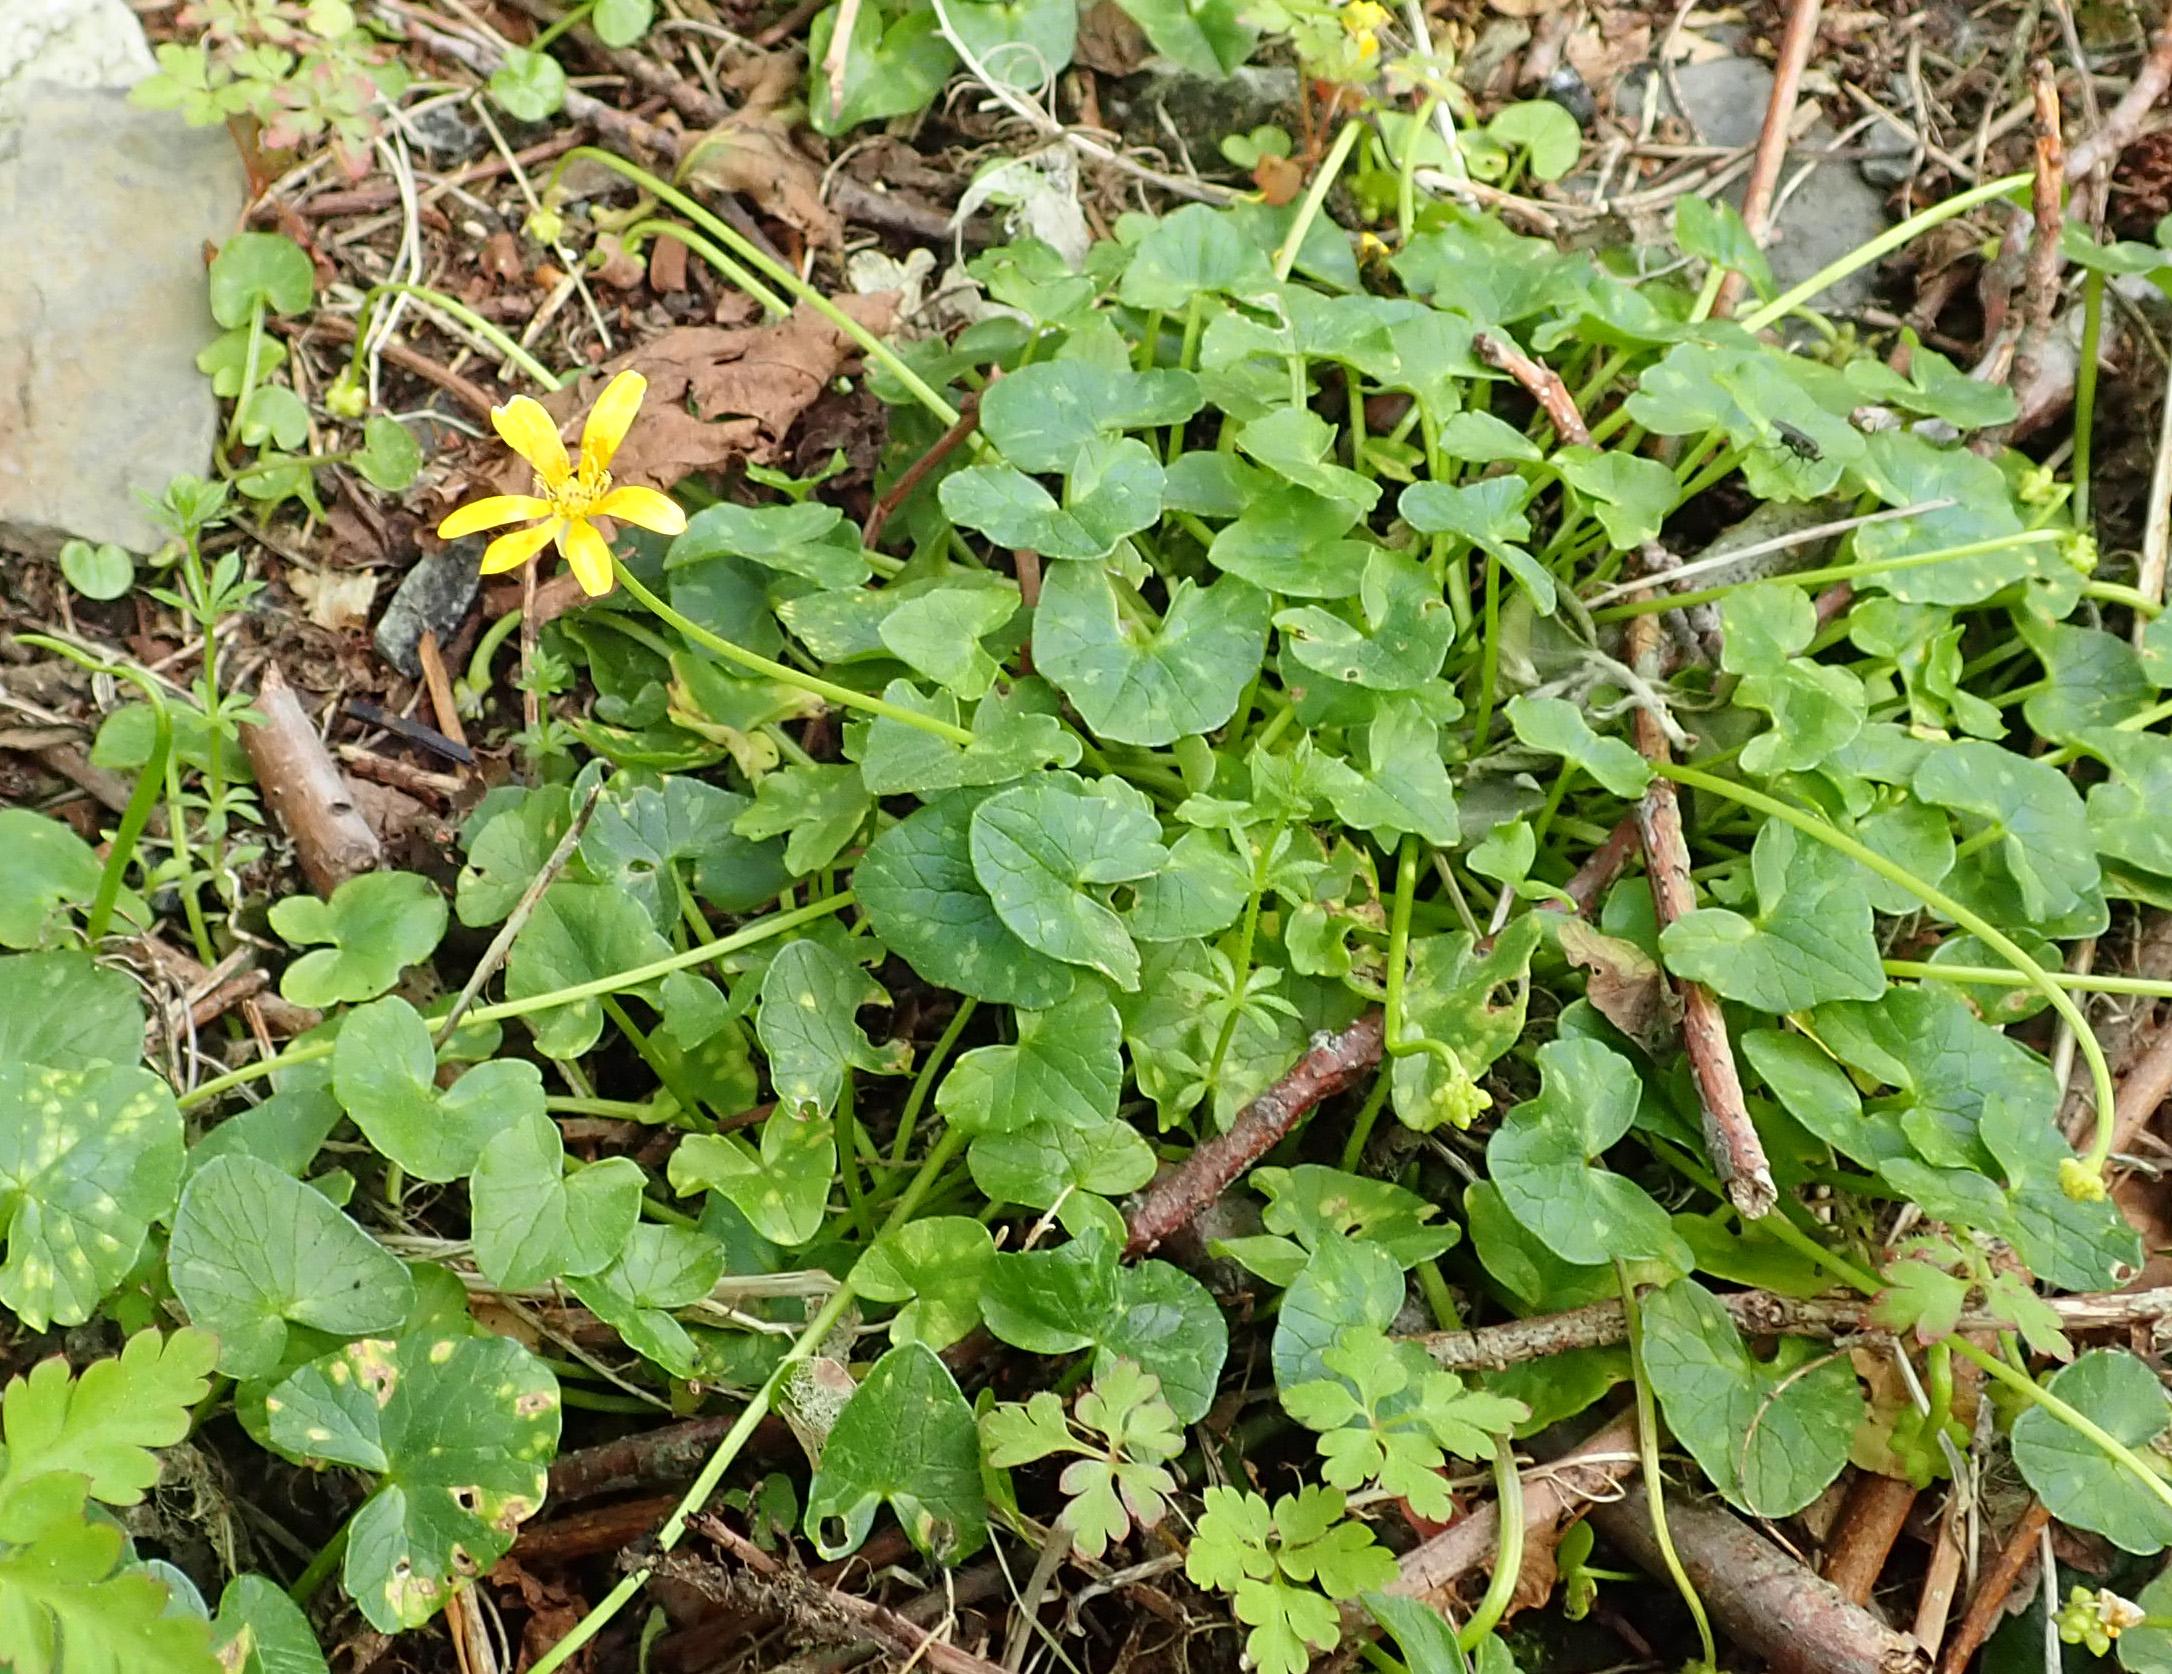 Ficaria verna subsp. fertilis